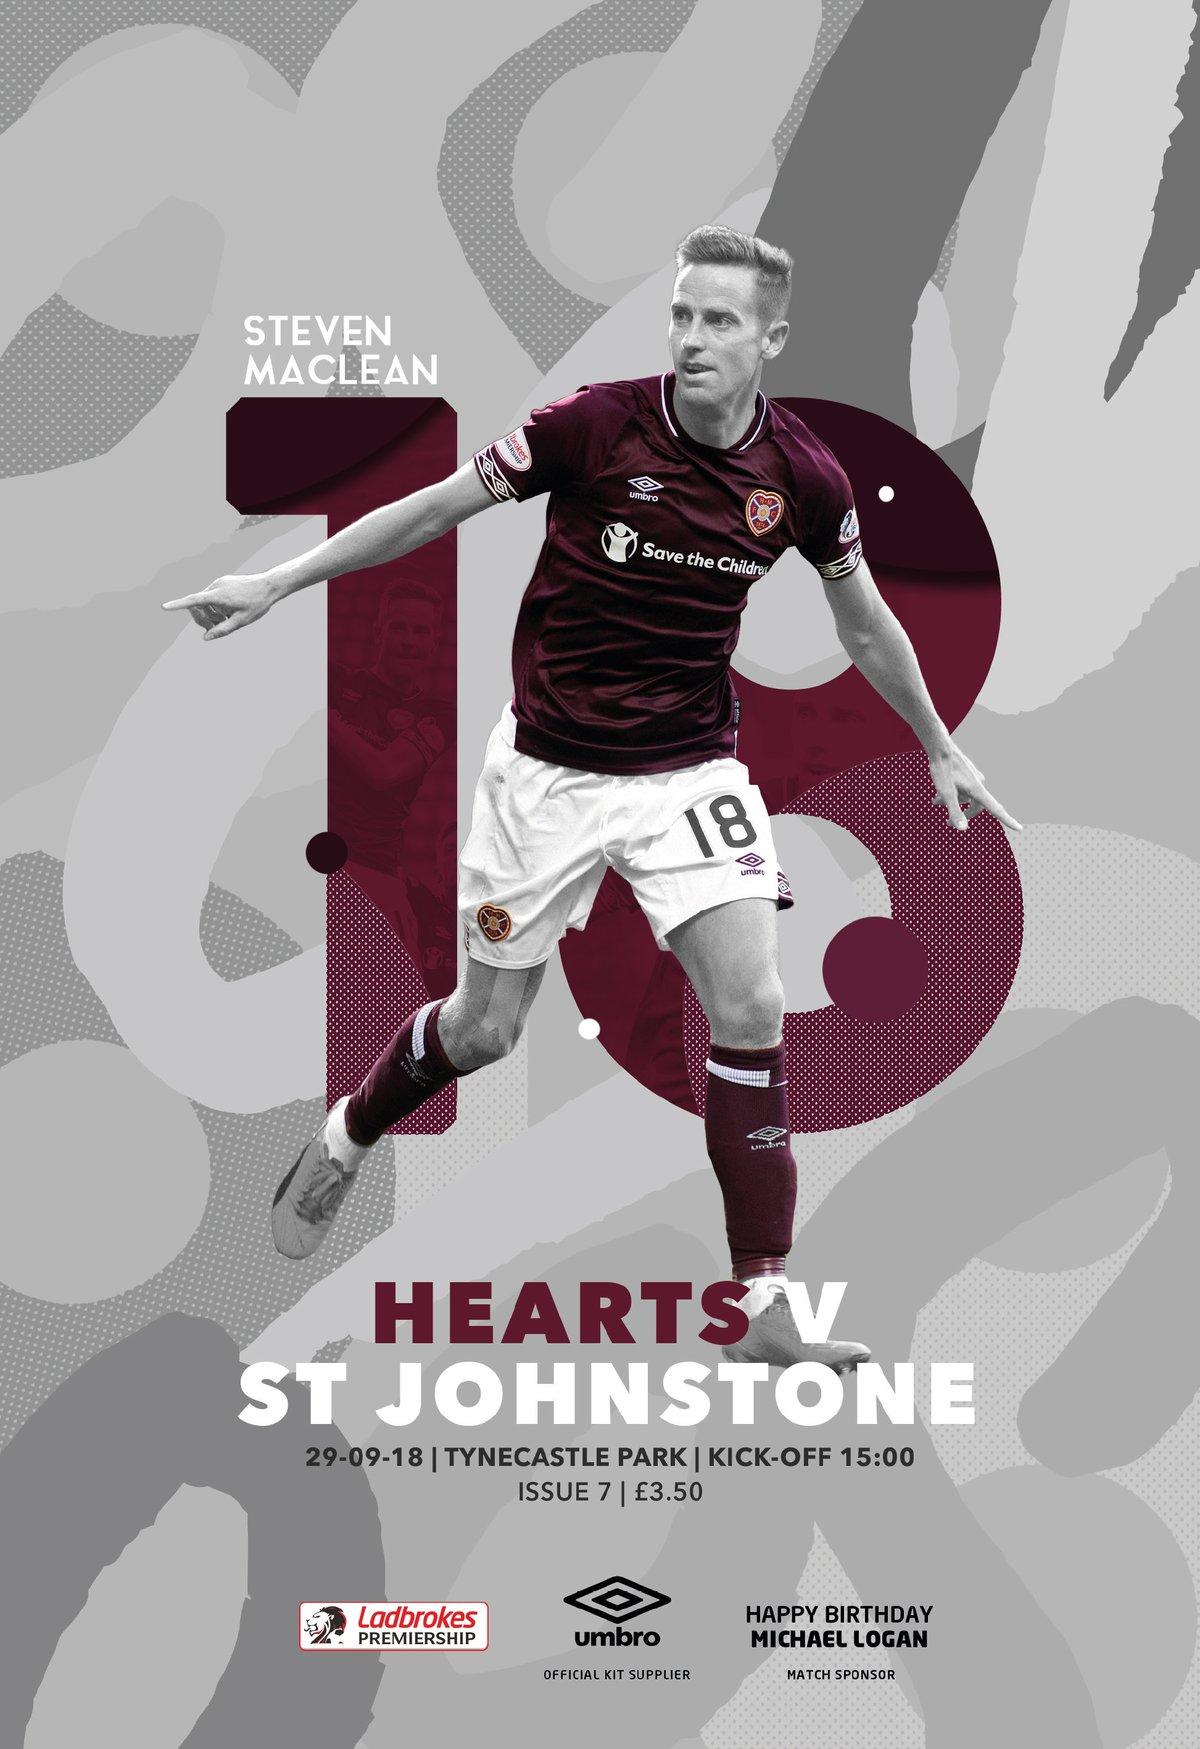 Image of Hearts v St Johnstone, 29th September 2018